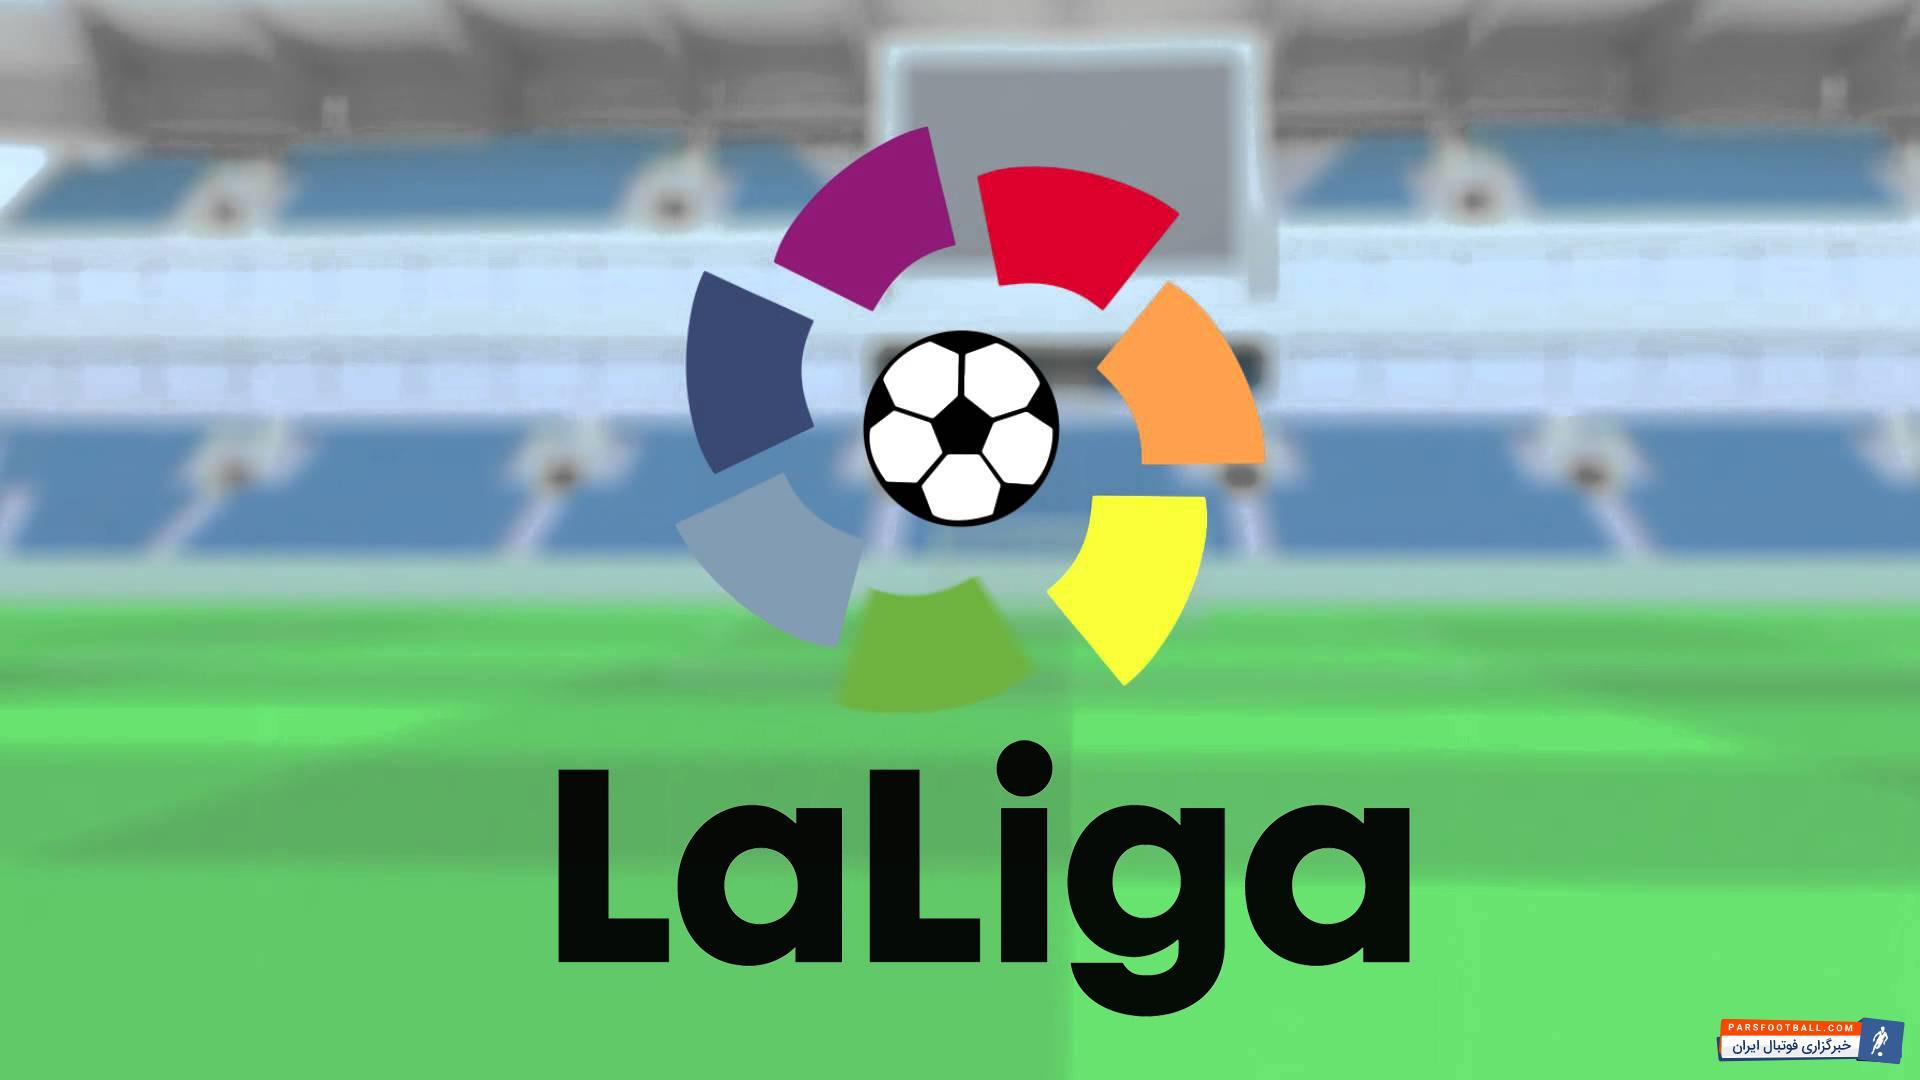 لالیگا ؛ توییتر رسمی رقابتهای لالیگا اسپانیا ماه مبارک رمضان را تبریک گفت